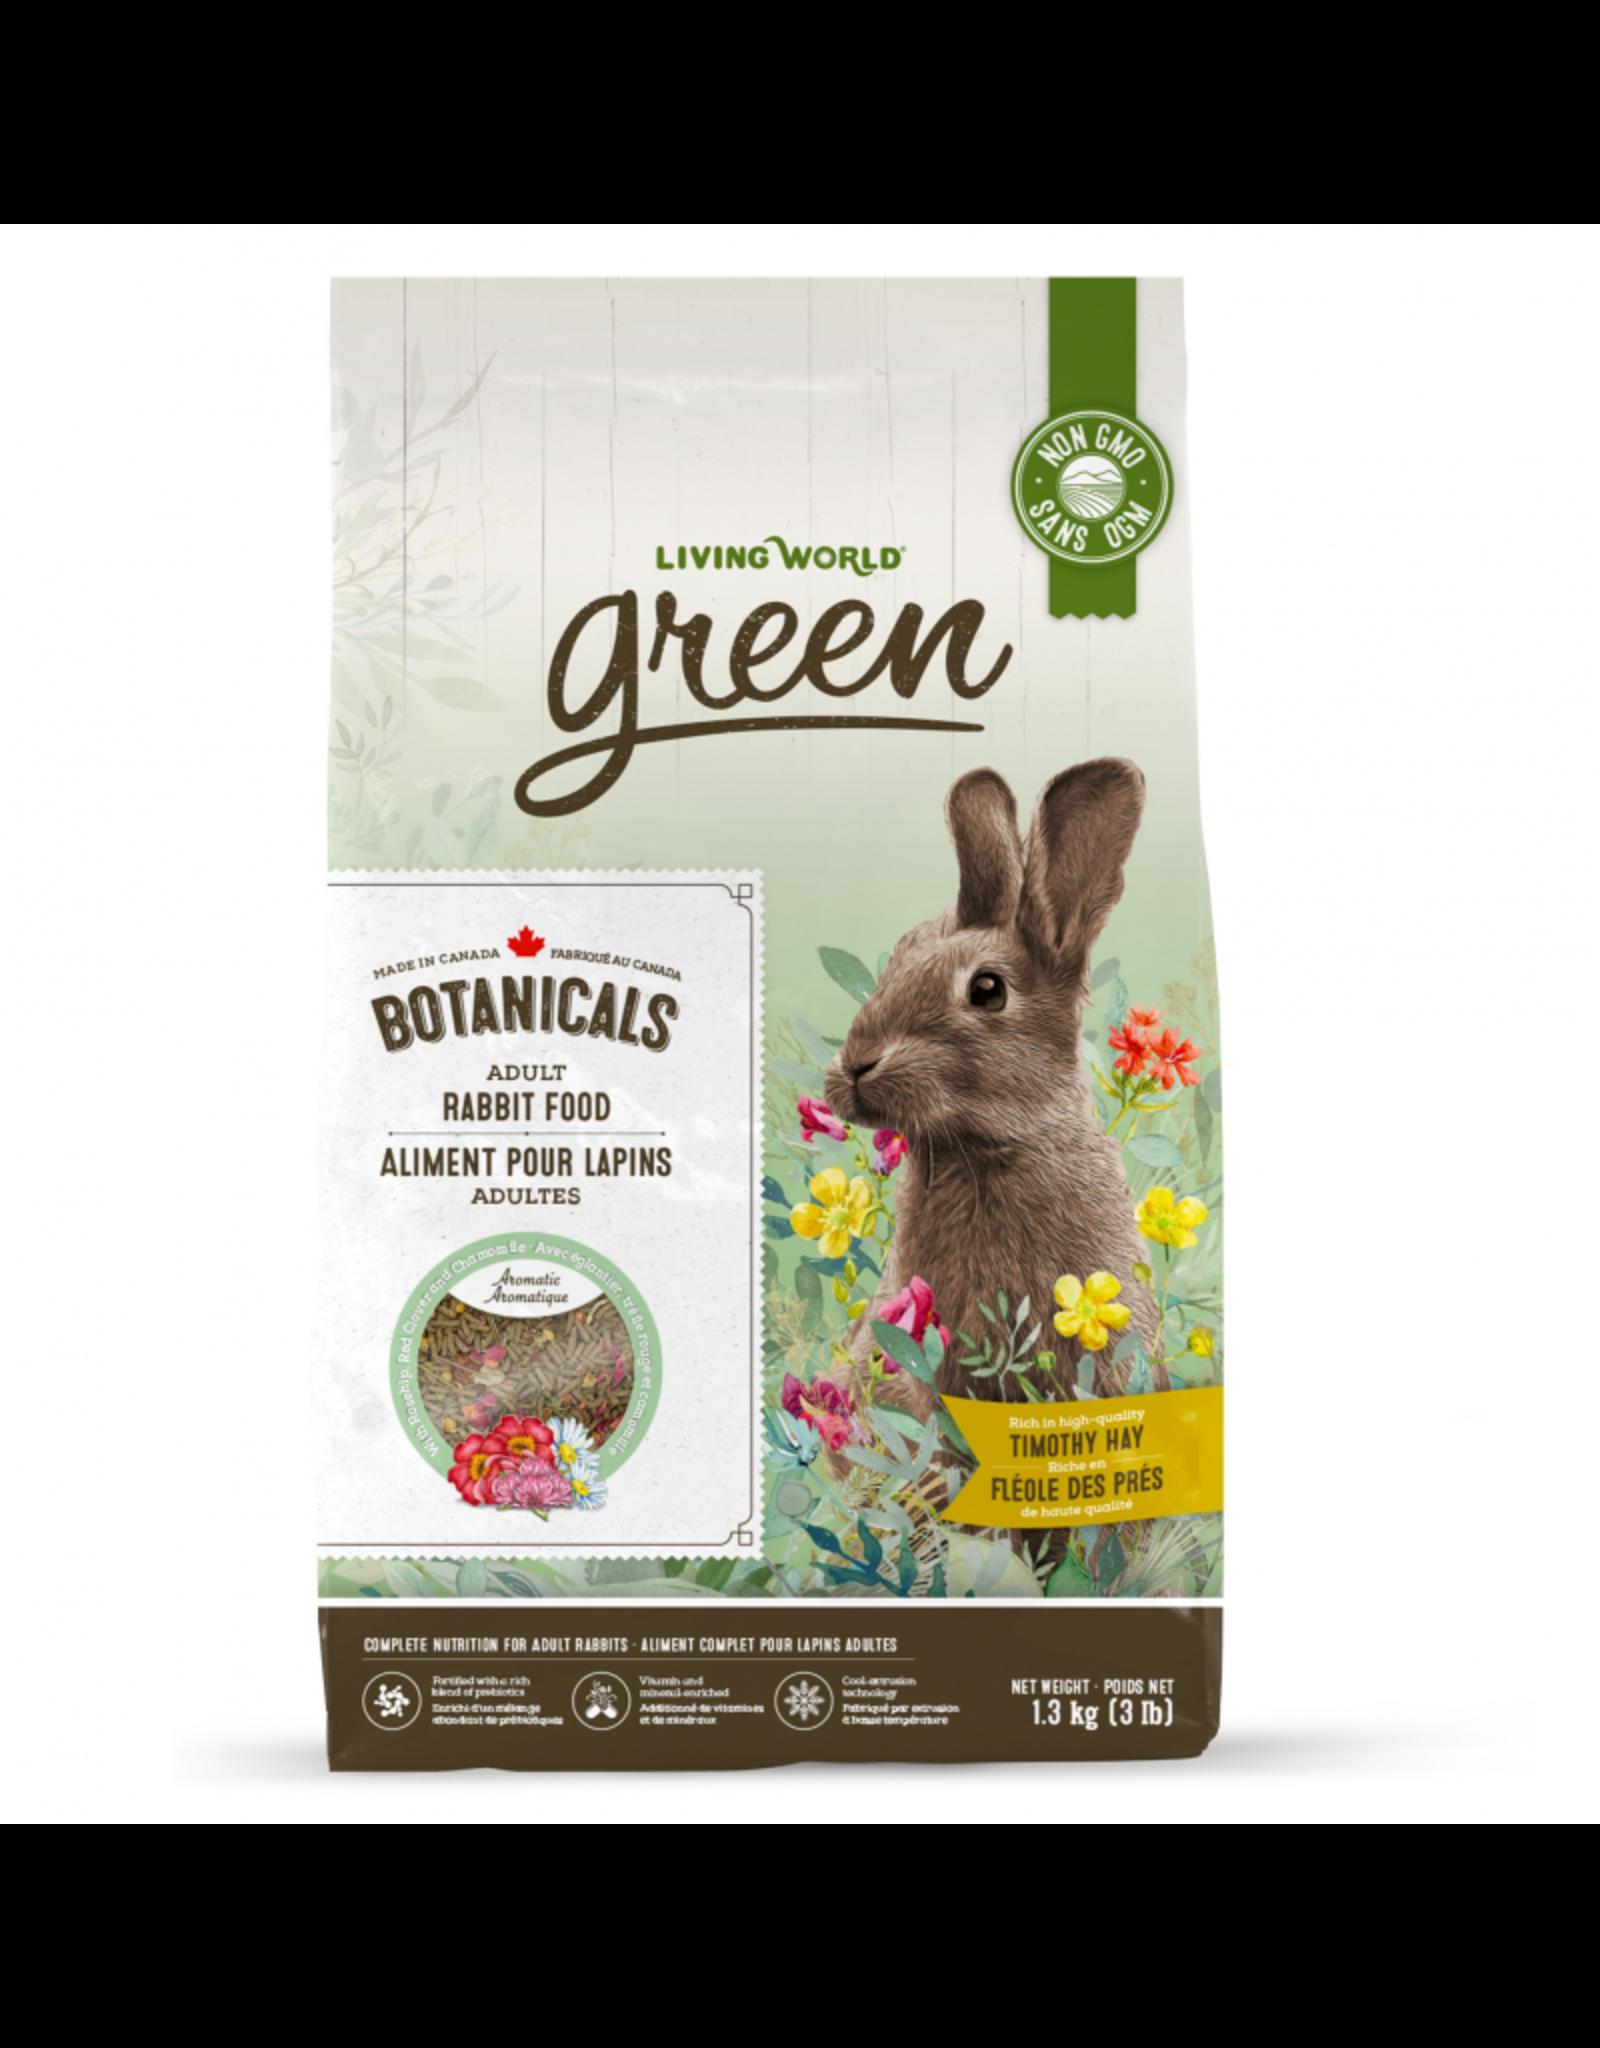 Living World Botanicals Adult Rabbit Food, 1.3 kg (3 lb)